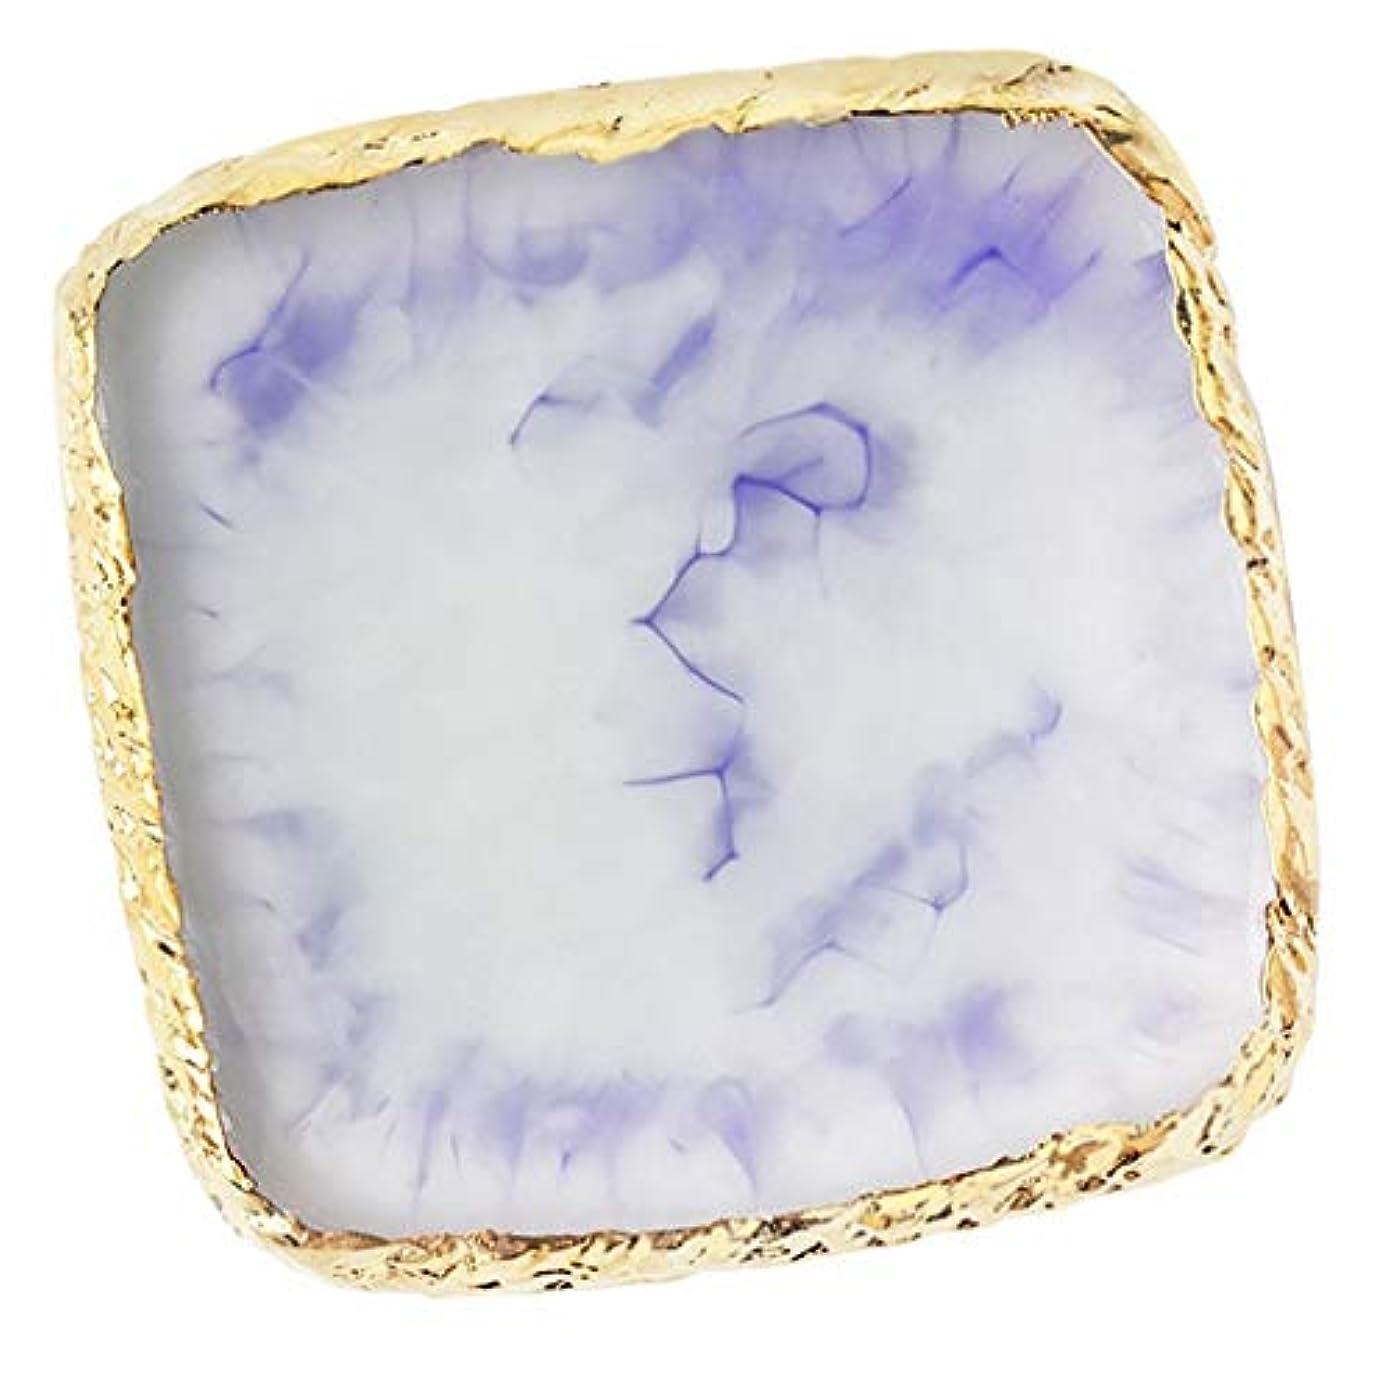 体操選手アンテナ甘美なネイルアートパレット ネイルパレット ネイルアート カラープレート メイクミキシング 全6色 - 紫